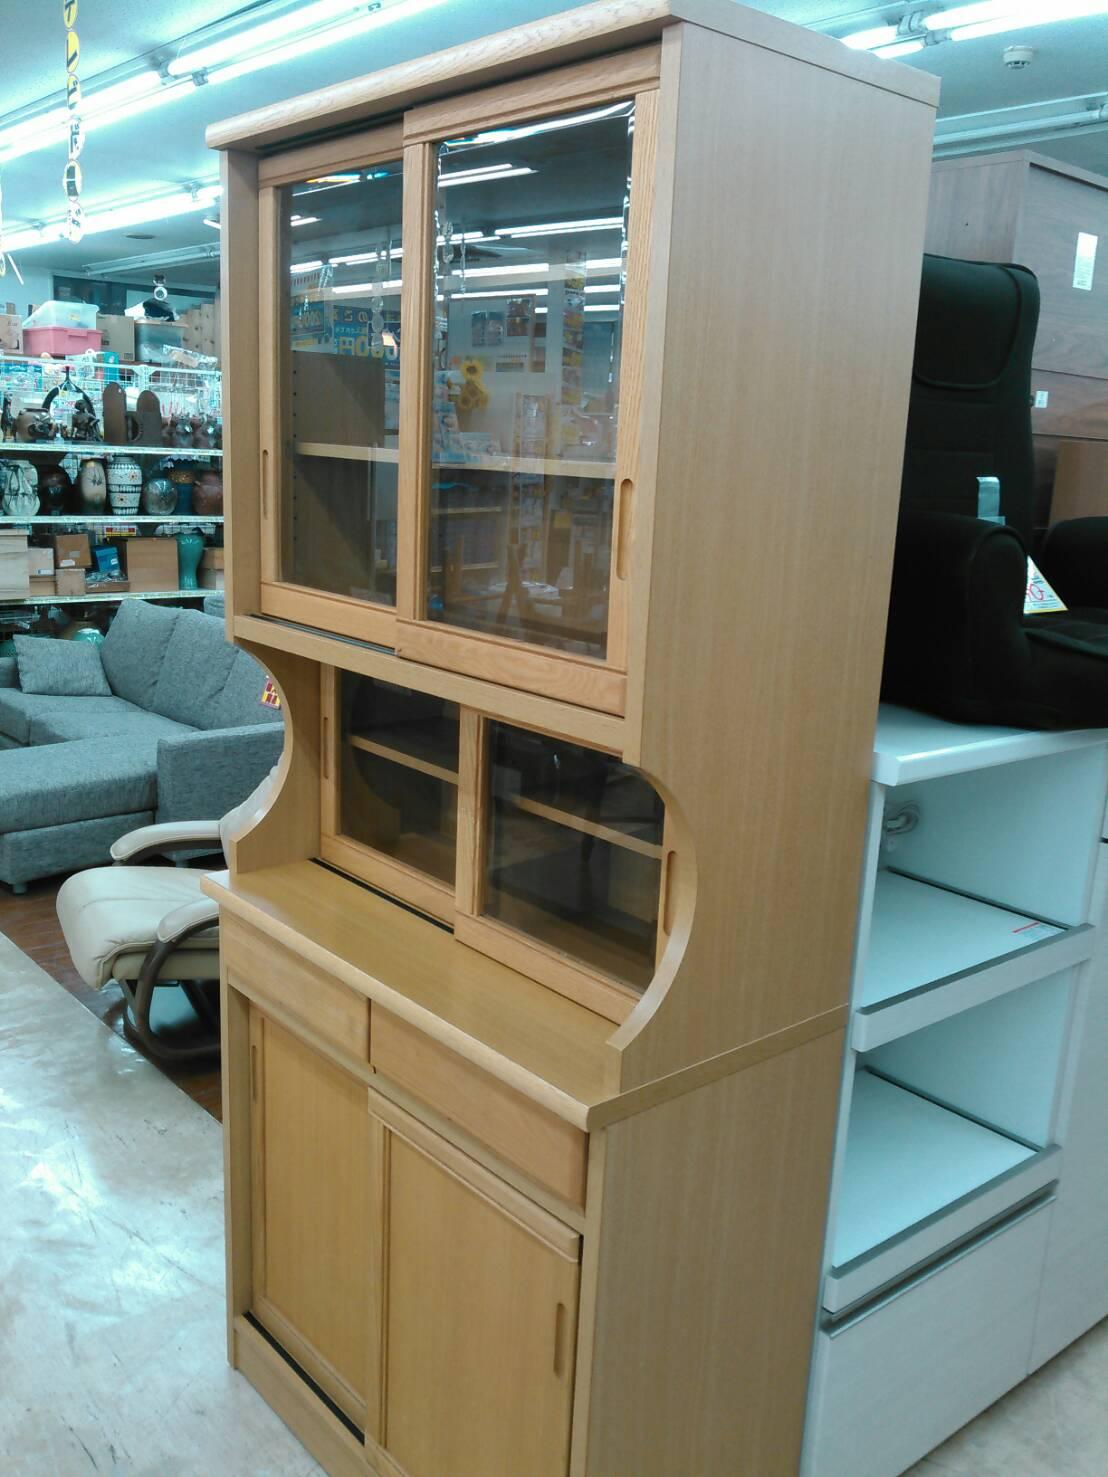 【食器棚 収納家具 キッチン家具 キッチン収納 カントリー調】買い取り致しました!の買取-